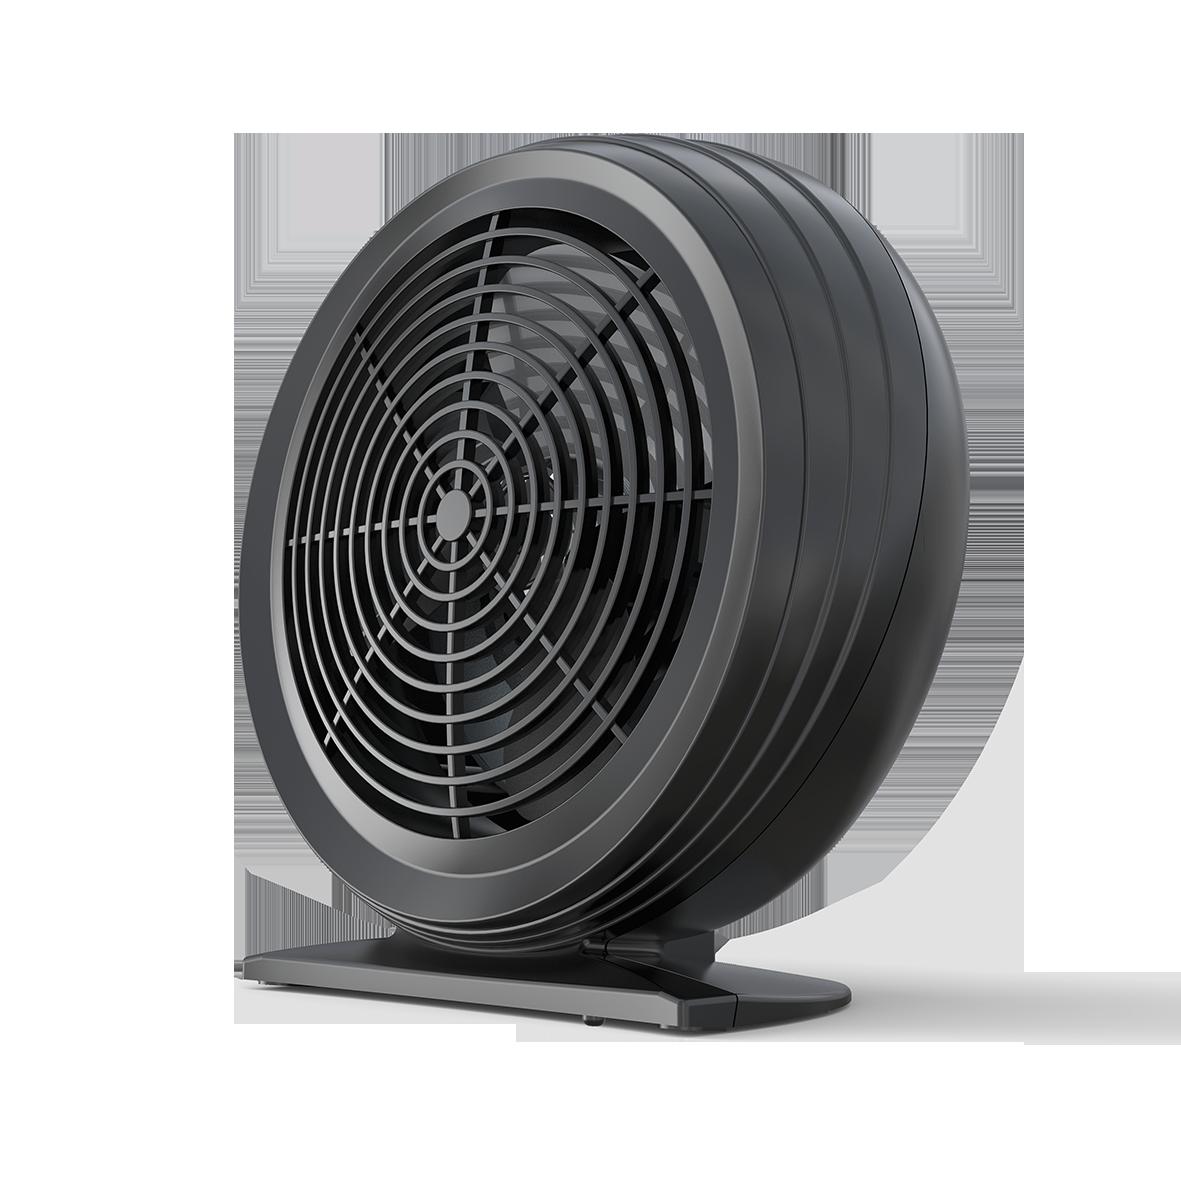 Тепловентилятор Timberk TFH S20SMX.BОбогреватели<br><br><br>Тип: термовентилятор<br>Максимальная мощность обогрева: 2000<br>Тип нагревательного элемента: электрическая спираль<br>Площадь обогрева, кв.м: 22<br>Вентиляция без нагрева: есть<br>Отключение при перегреве: есть<br>Вентилятор : есть<br>Управление: механическое<br>Ручка для перемещения: есть<br>Габариты: 23x24x12.5 см